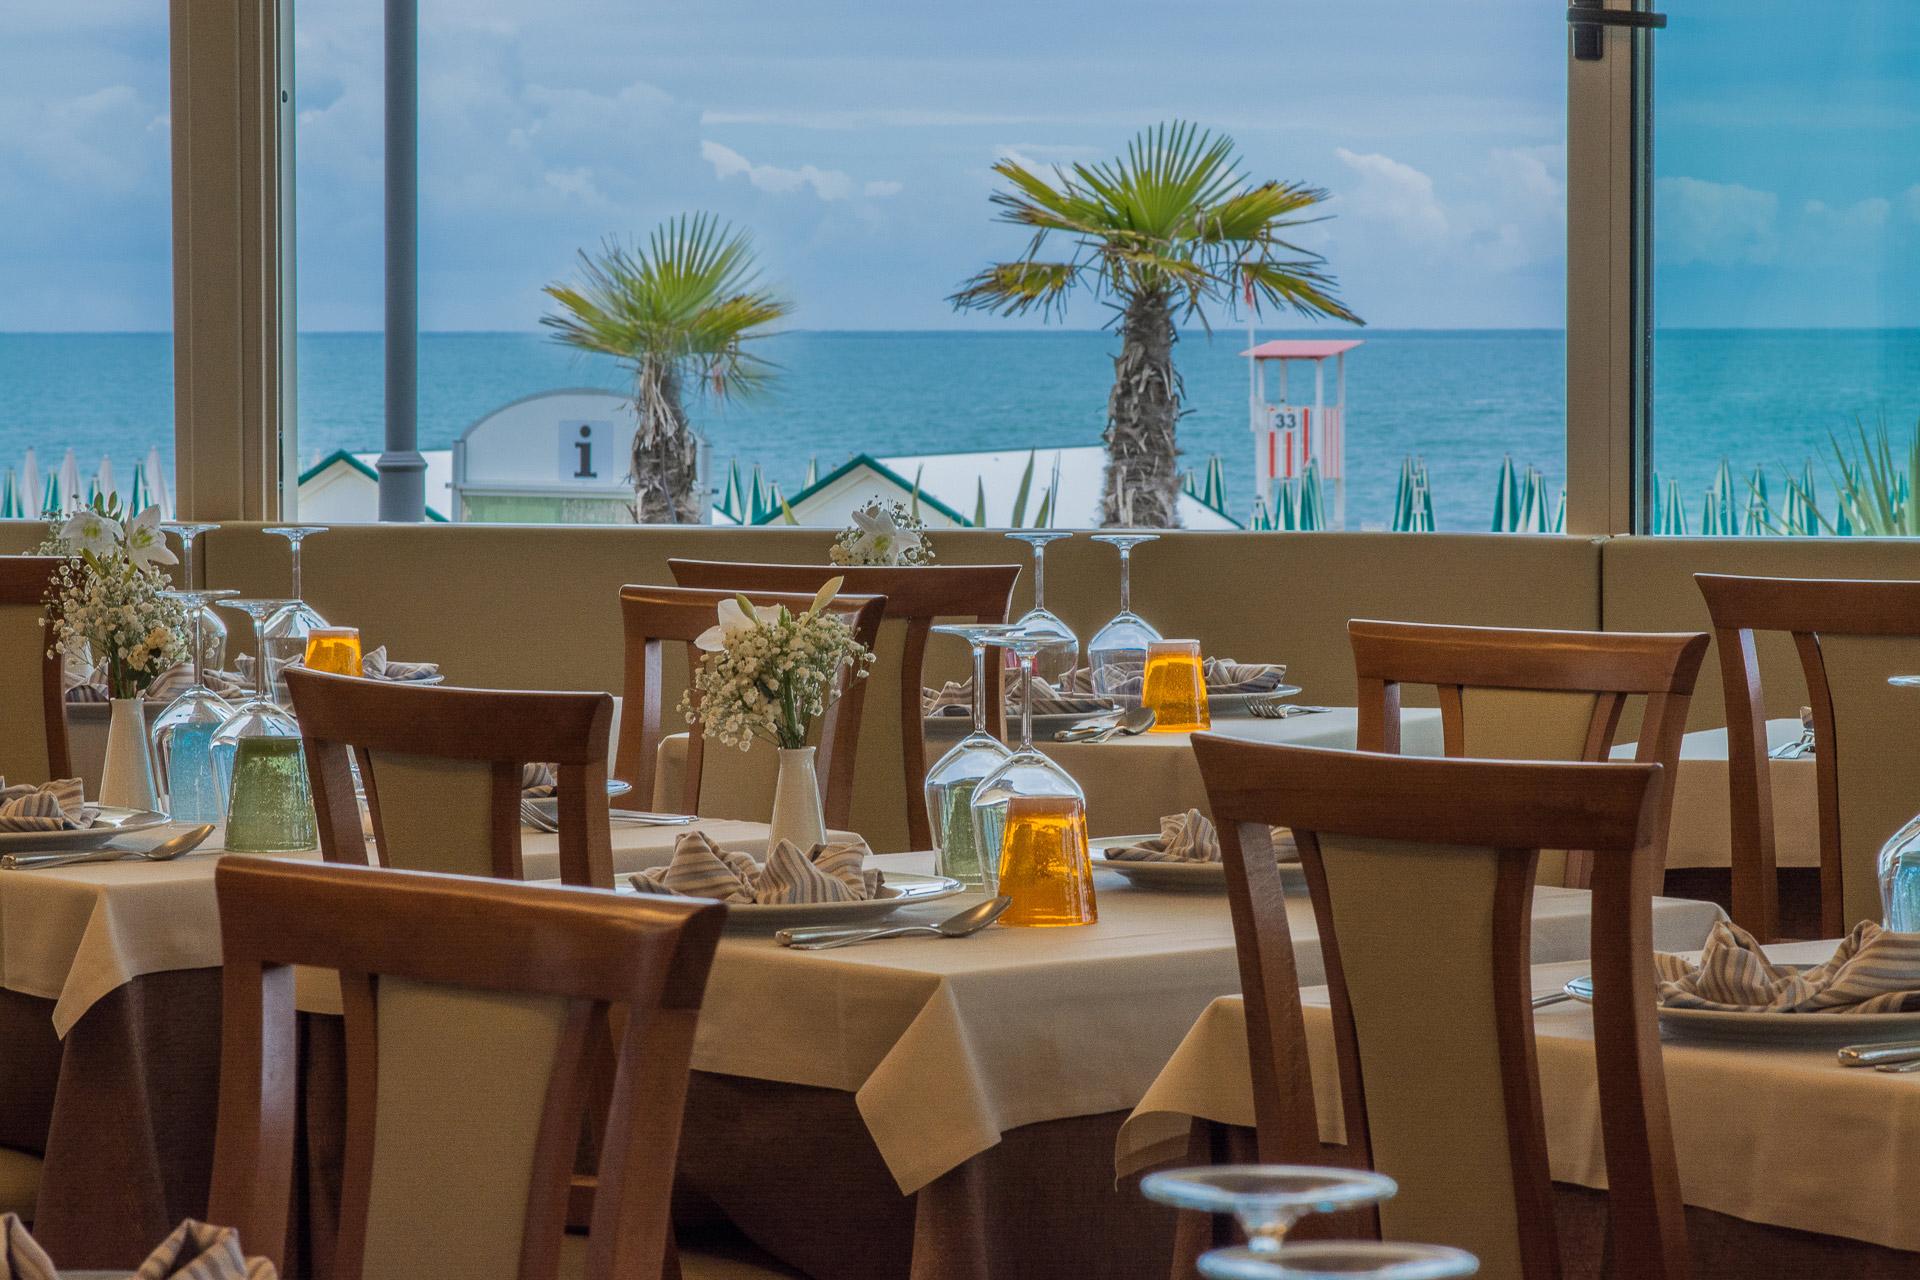 Hotel on the beach Caorle